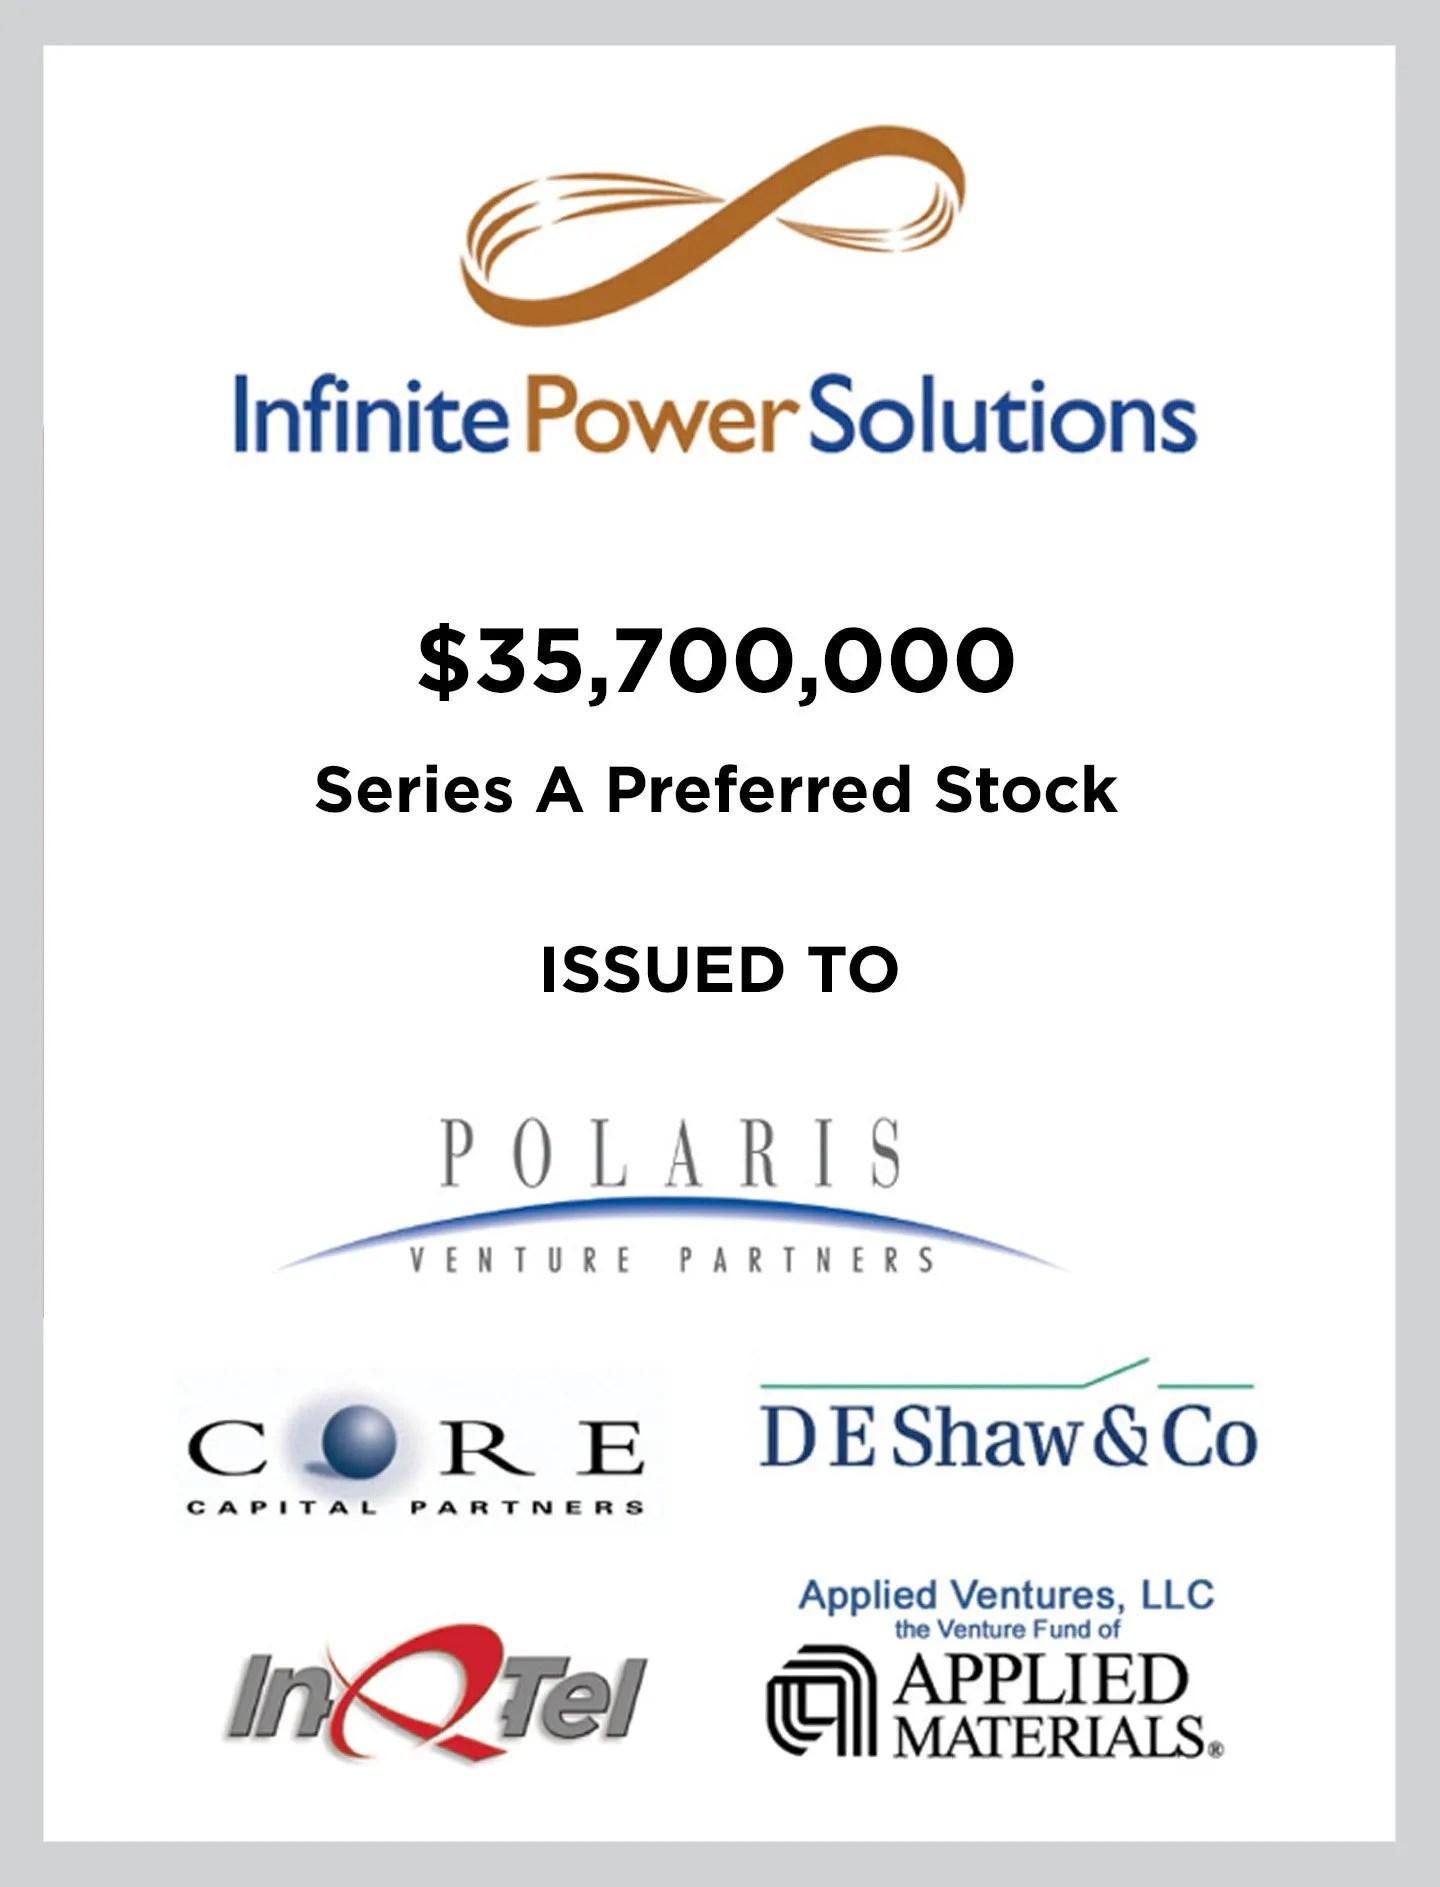 IPS_equity_0906